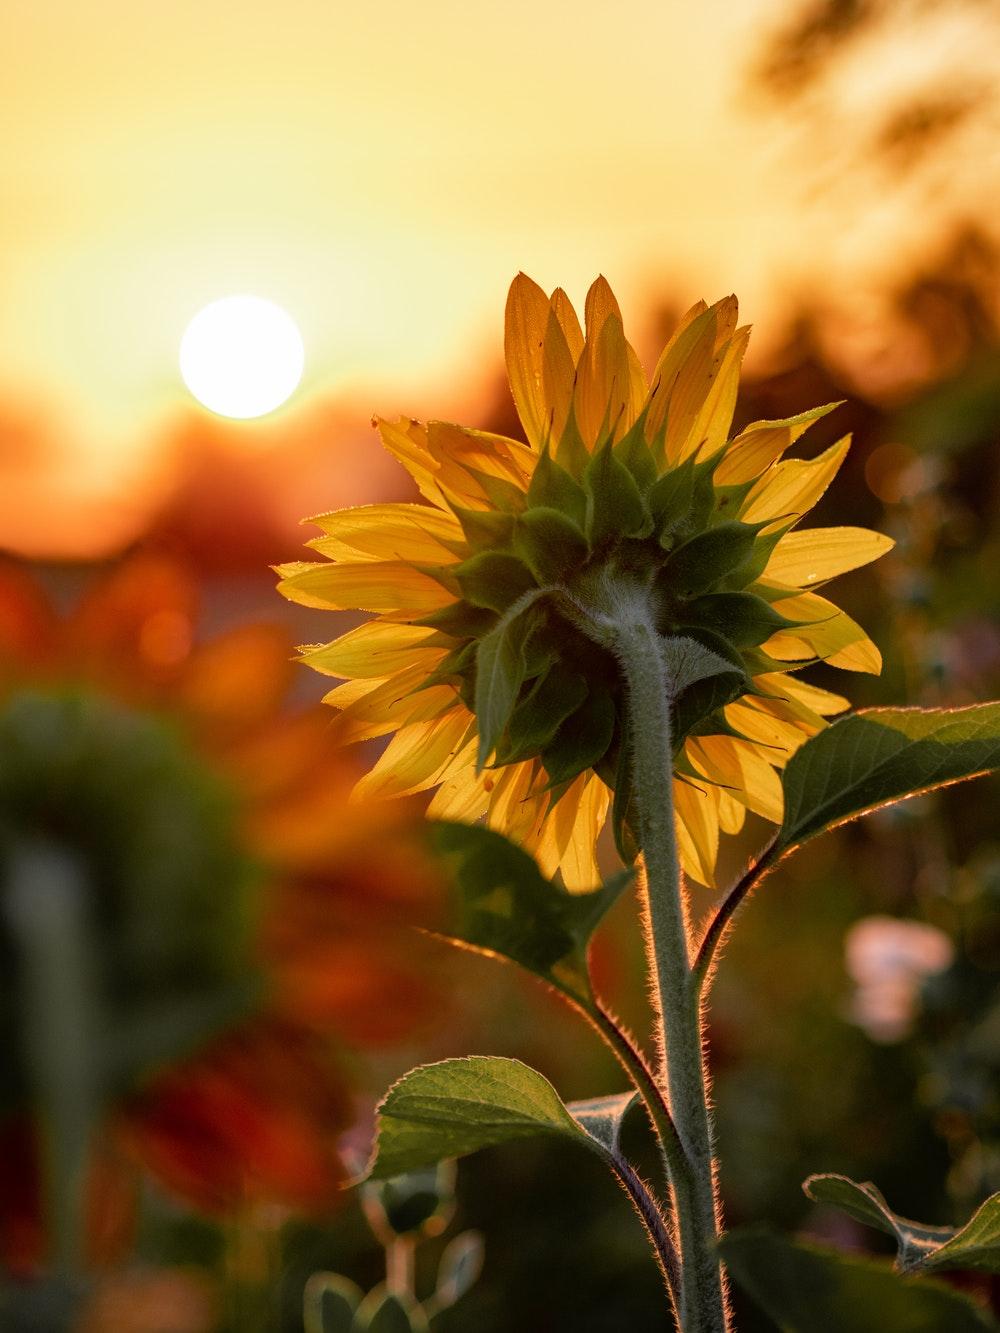 Những hình ảnh đẹp về hoa hướng dương